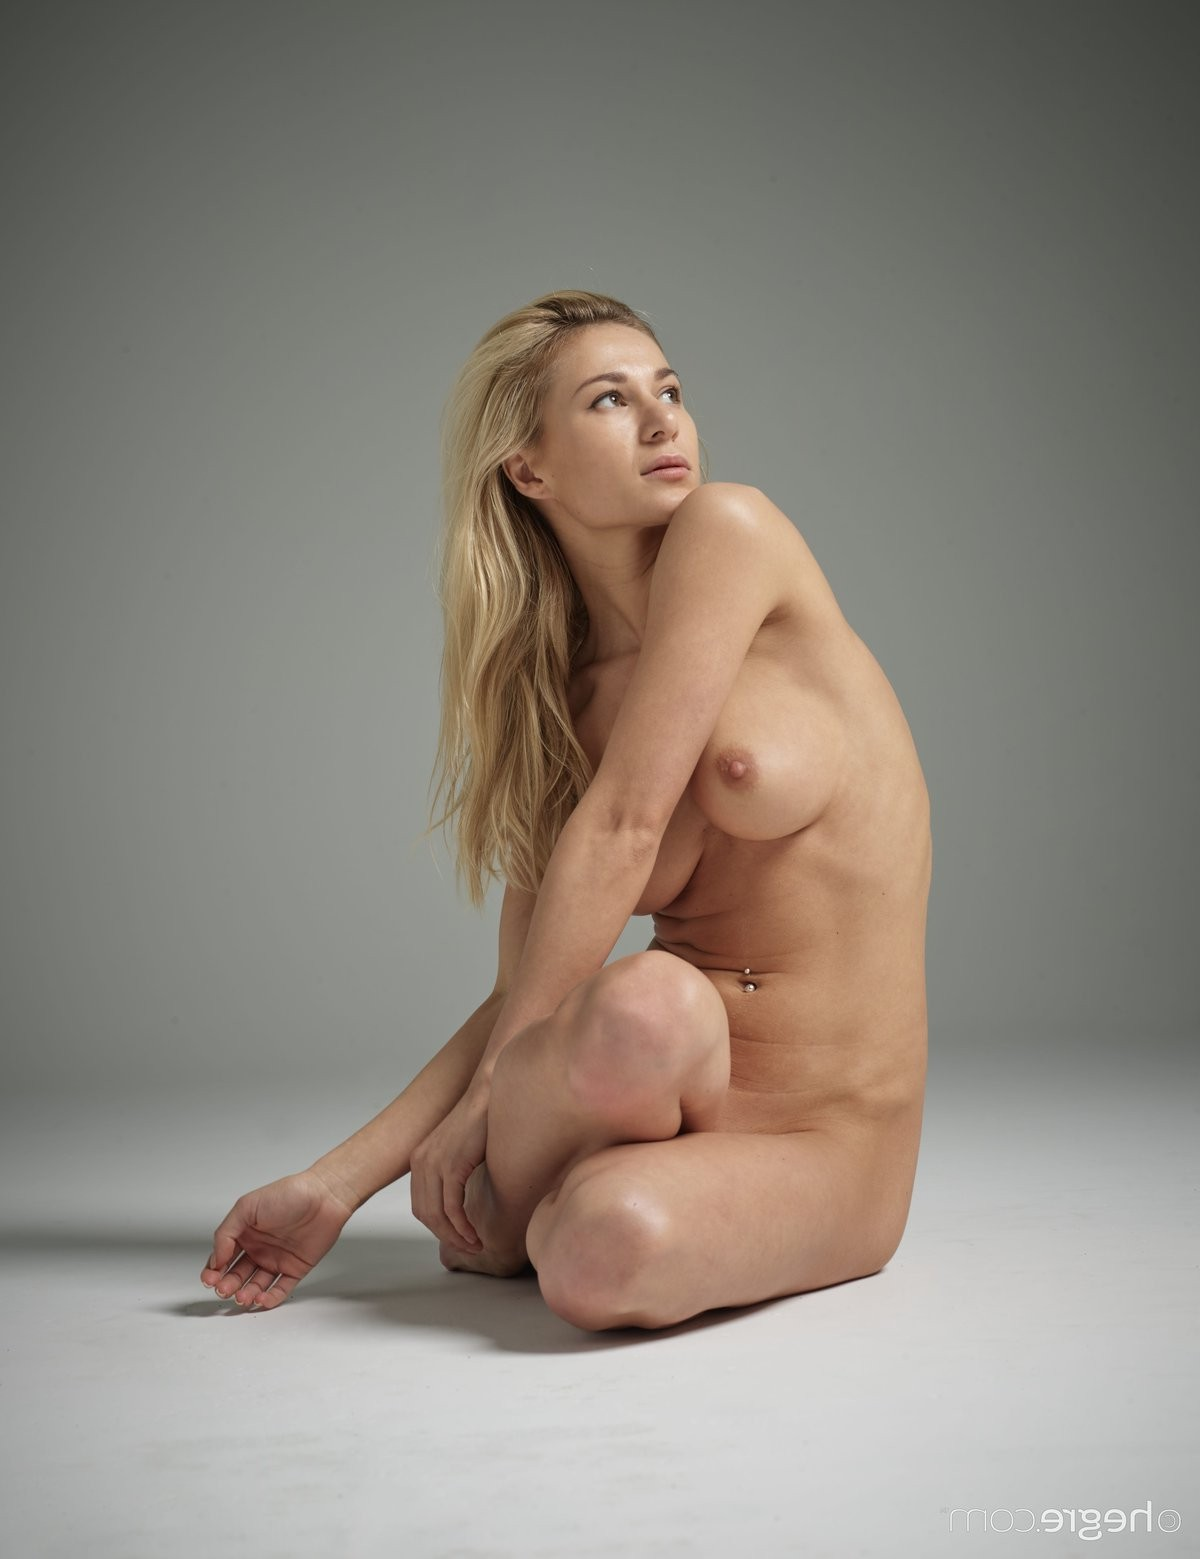 peliculas porno hentai